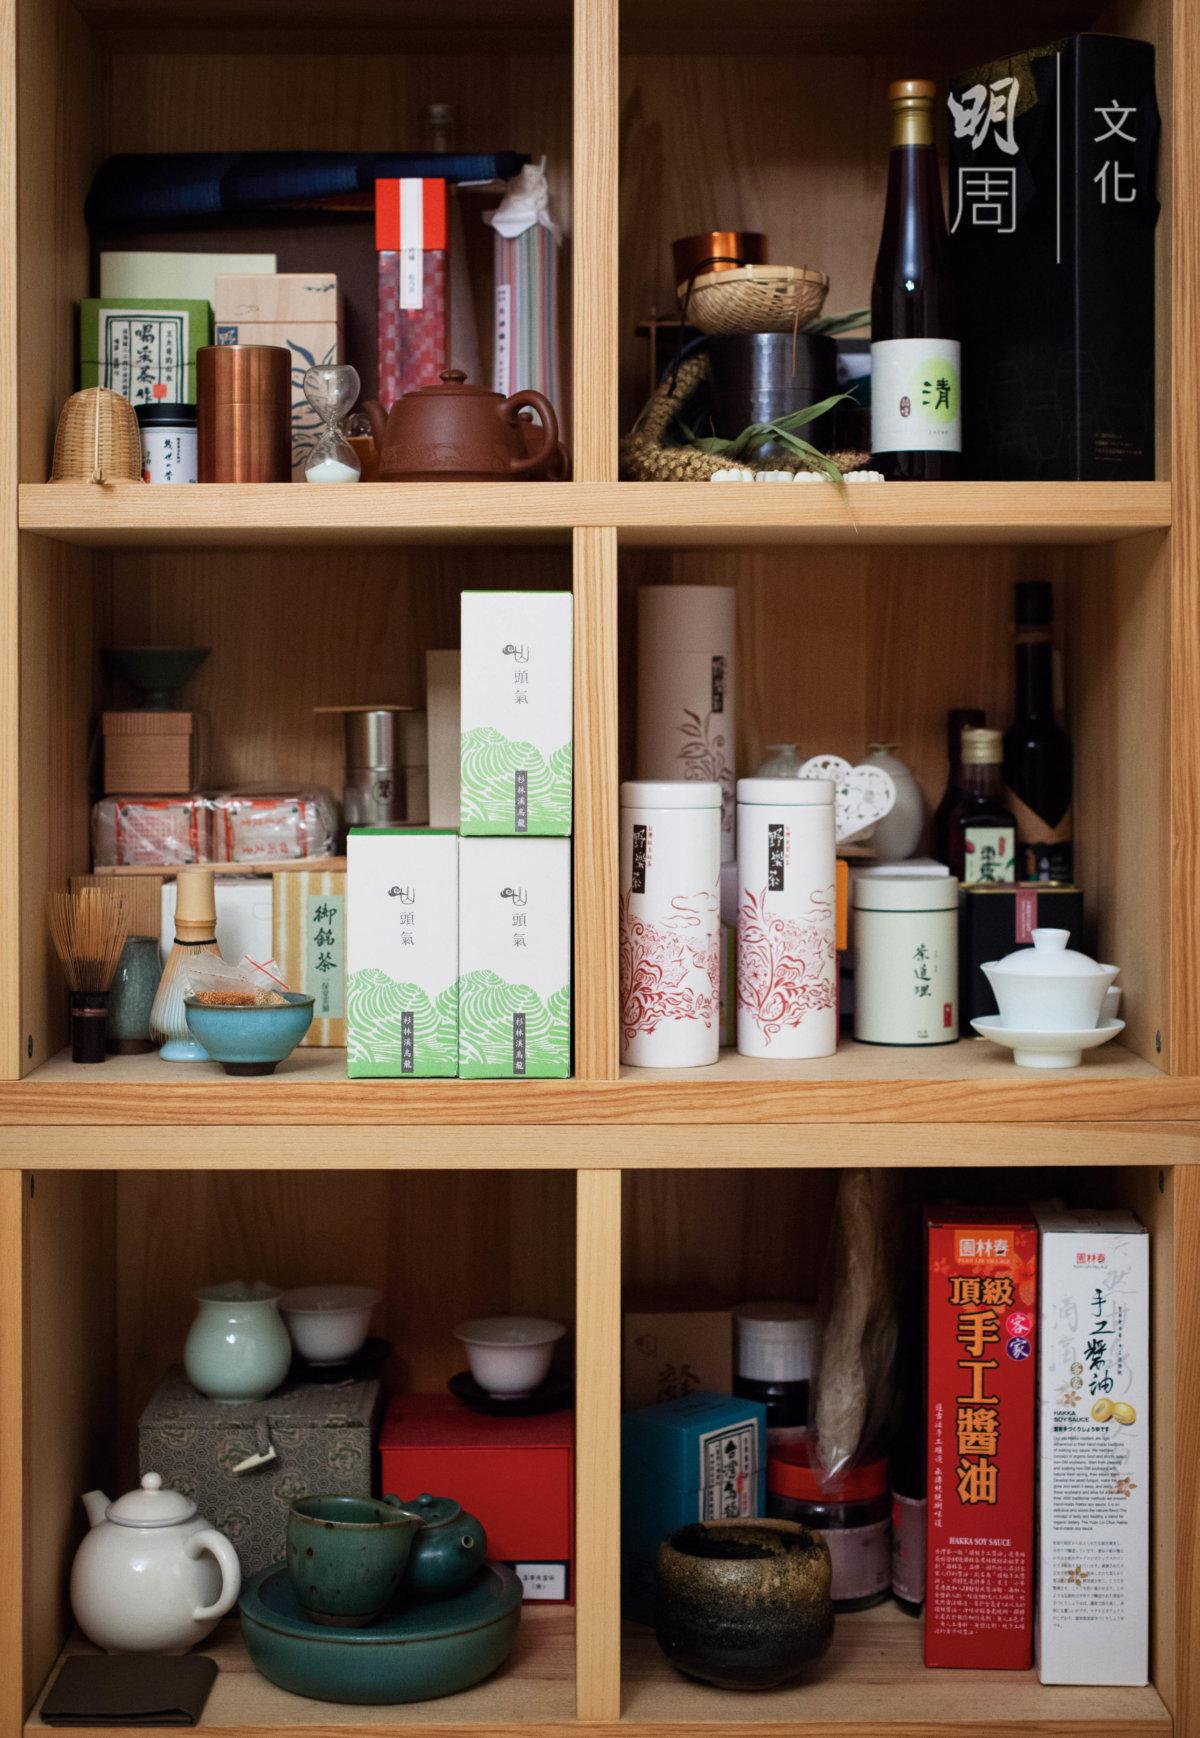 顧瑋工作室收集了 台灣本土各類農產加工 品